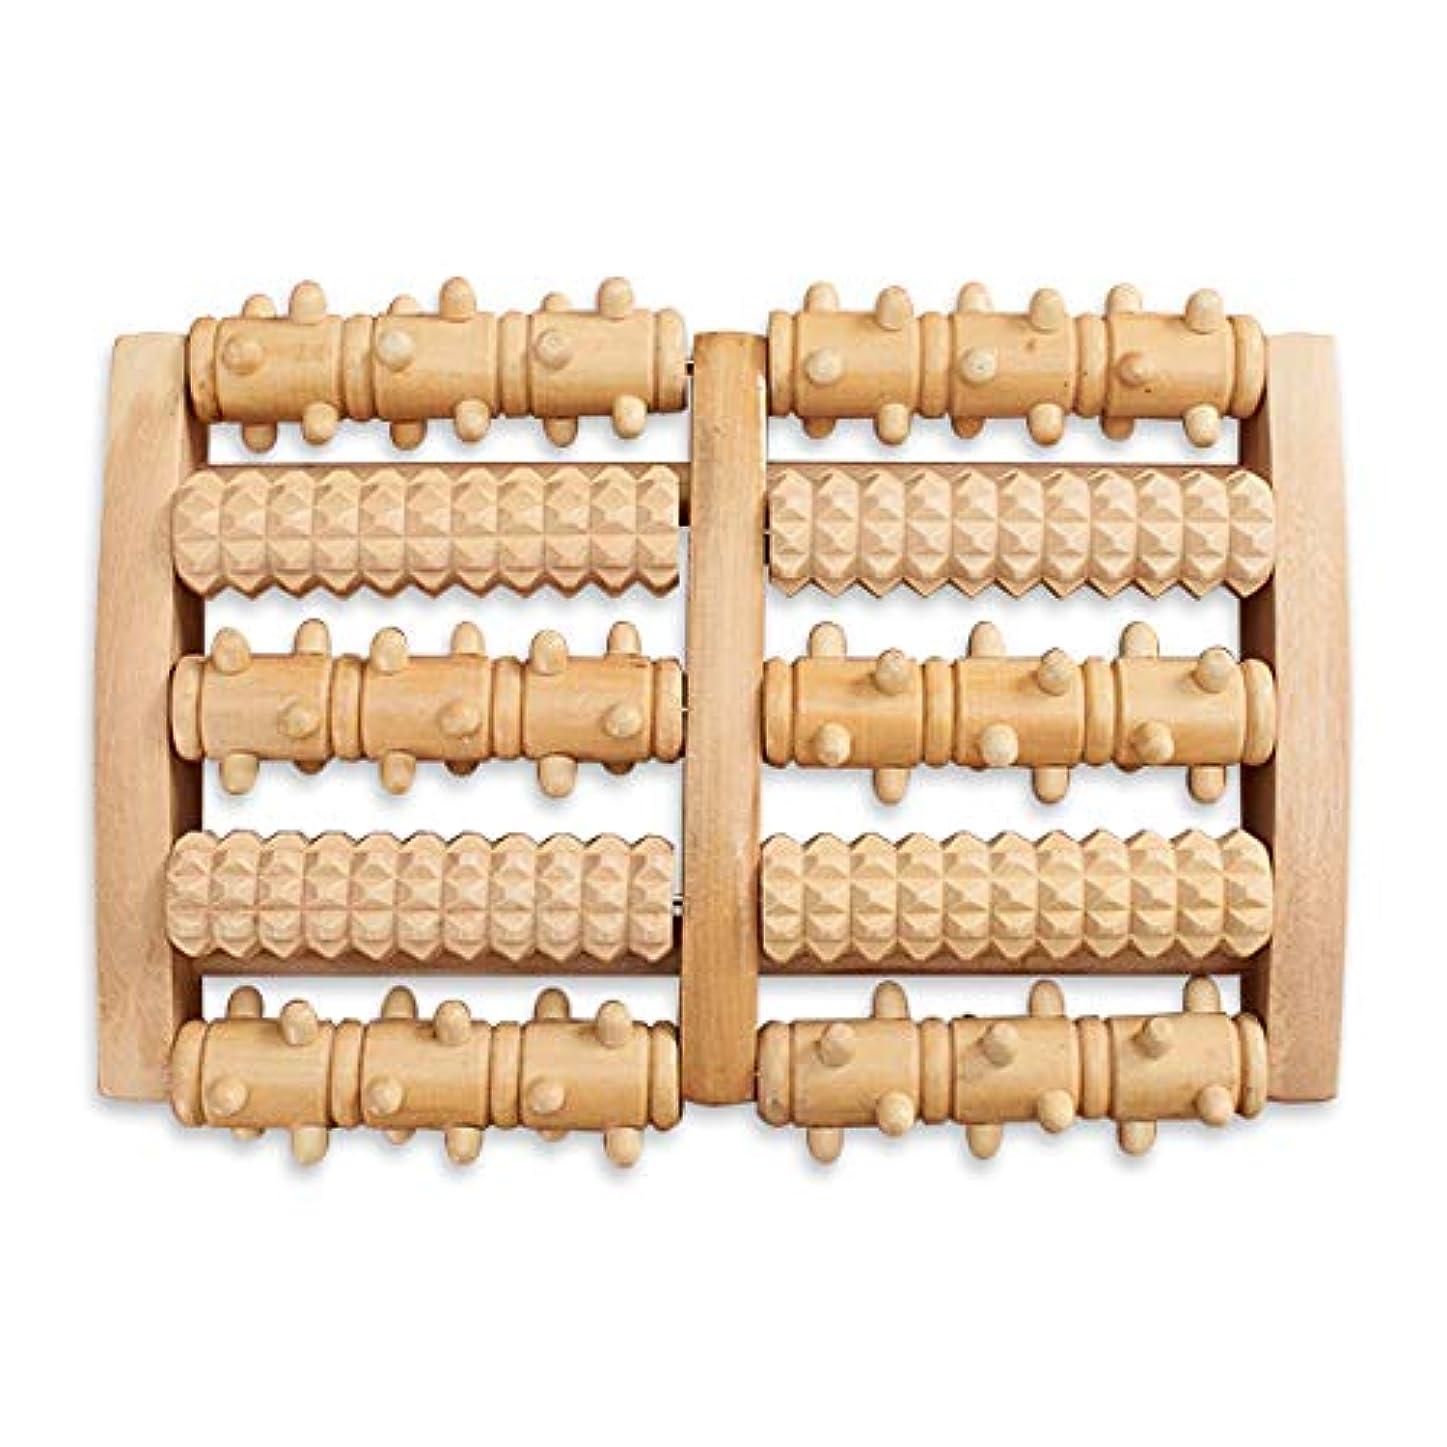 癒す通行料金隣接するHAMILO フットローラー フットマッサージ器 足ツボ押し器 回転 木製 足裏 足つぼ 按摩 (ナチュラルウッド)